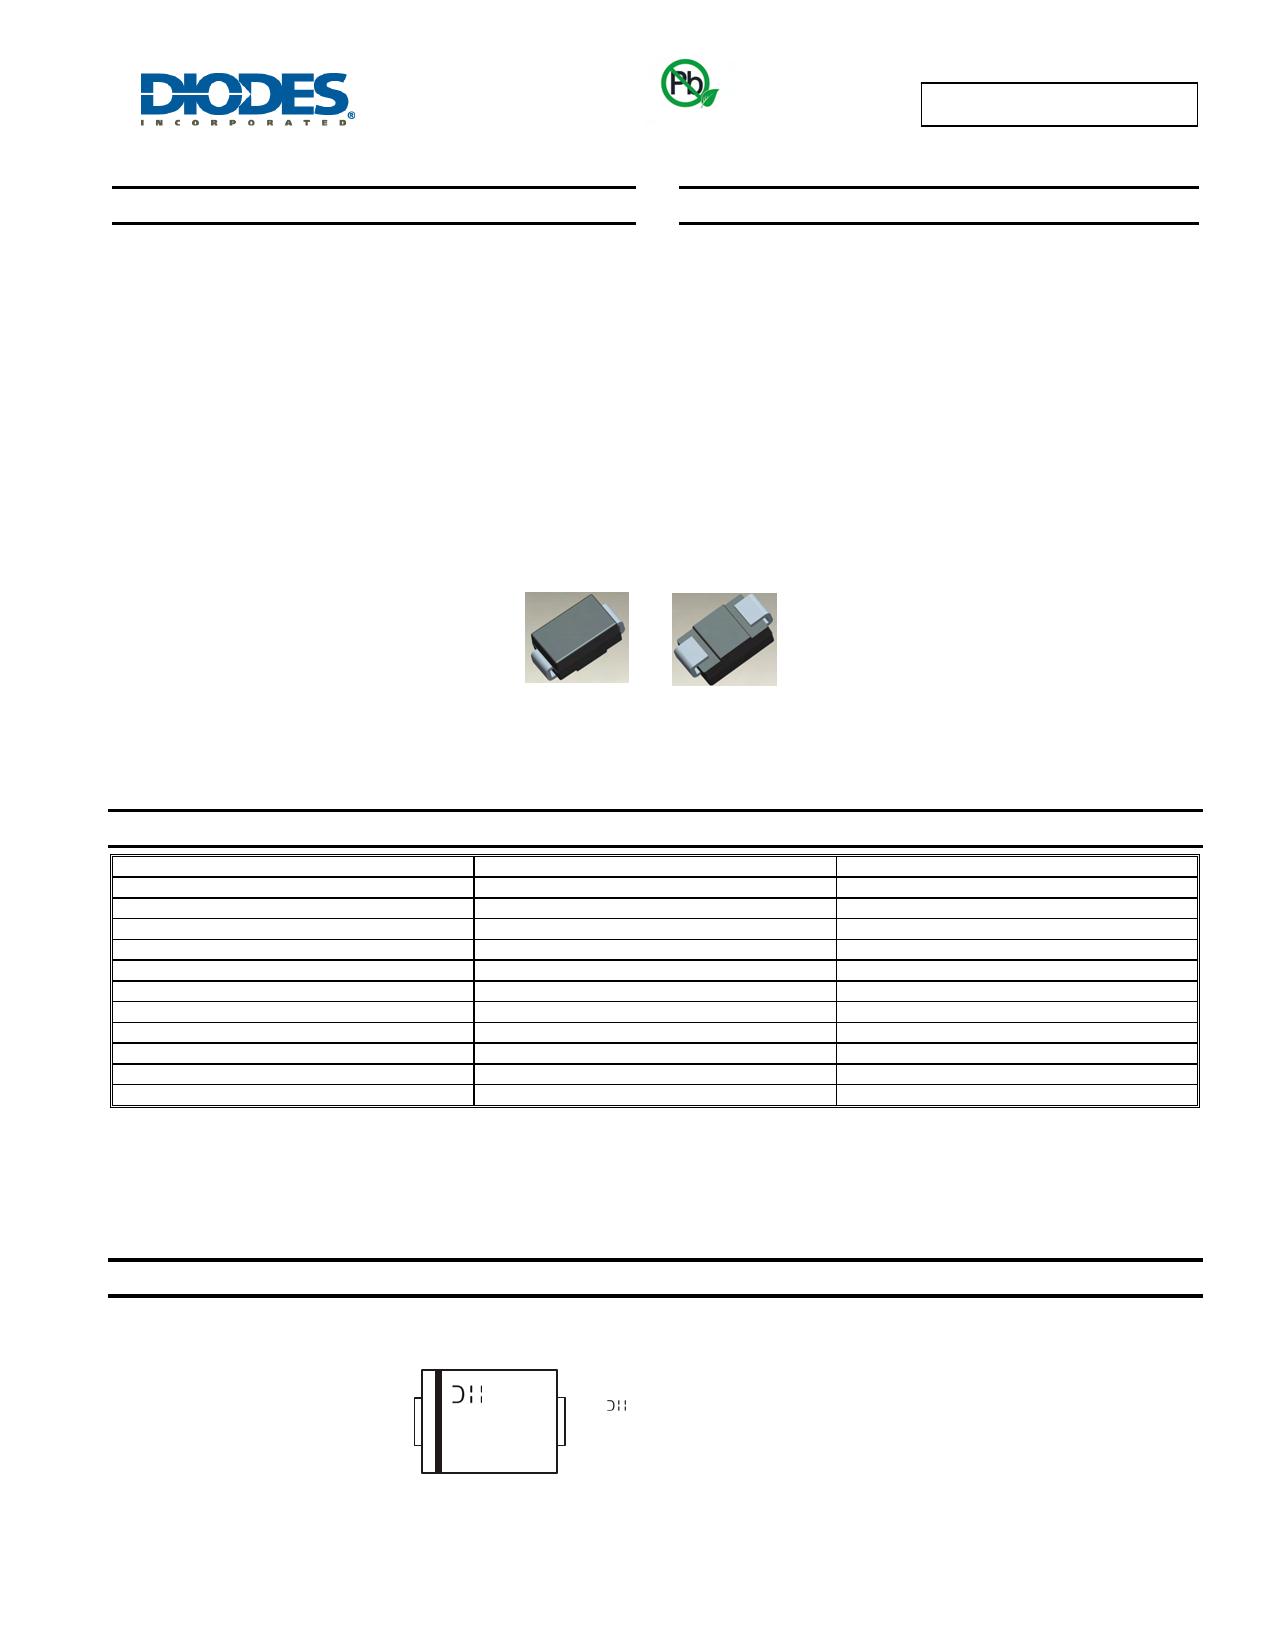 TB1100M datasheet pinout pdf